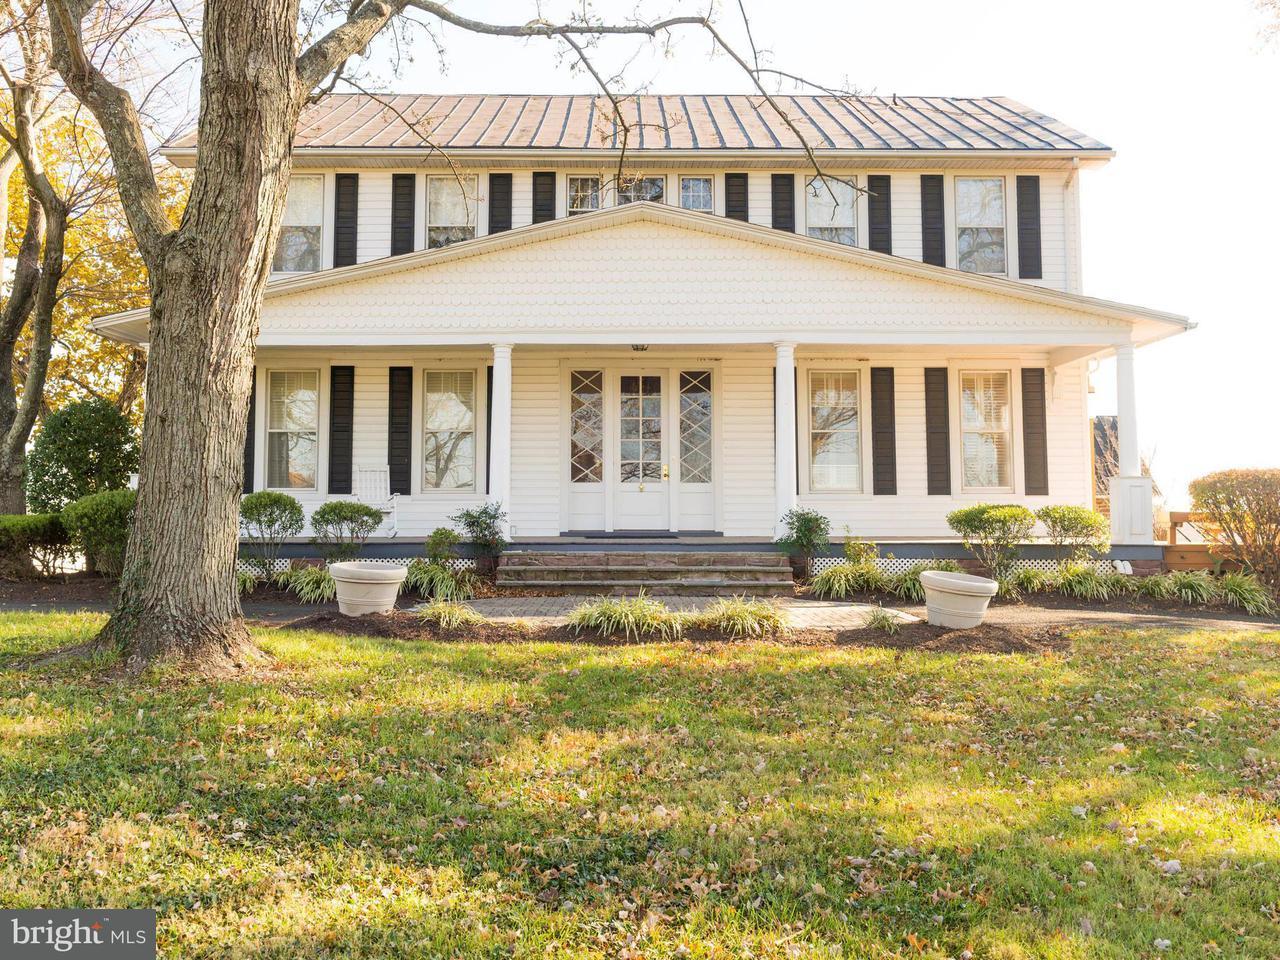 Коммерческий для того Продажа на 13613 HOLLY RIDGE Lane 13613 HOLLY RIDGE Lane Gainesville, Виргиния 20155 Соединенные Штаты